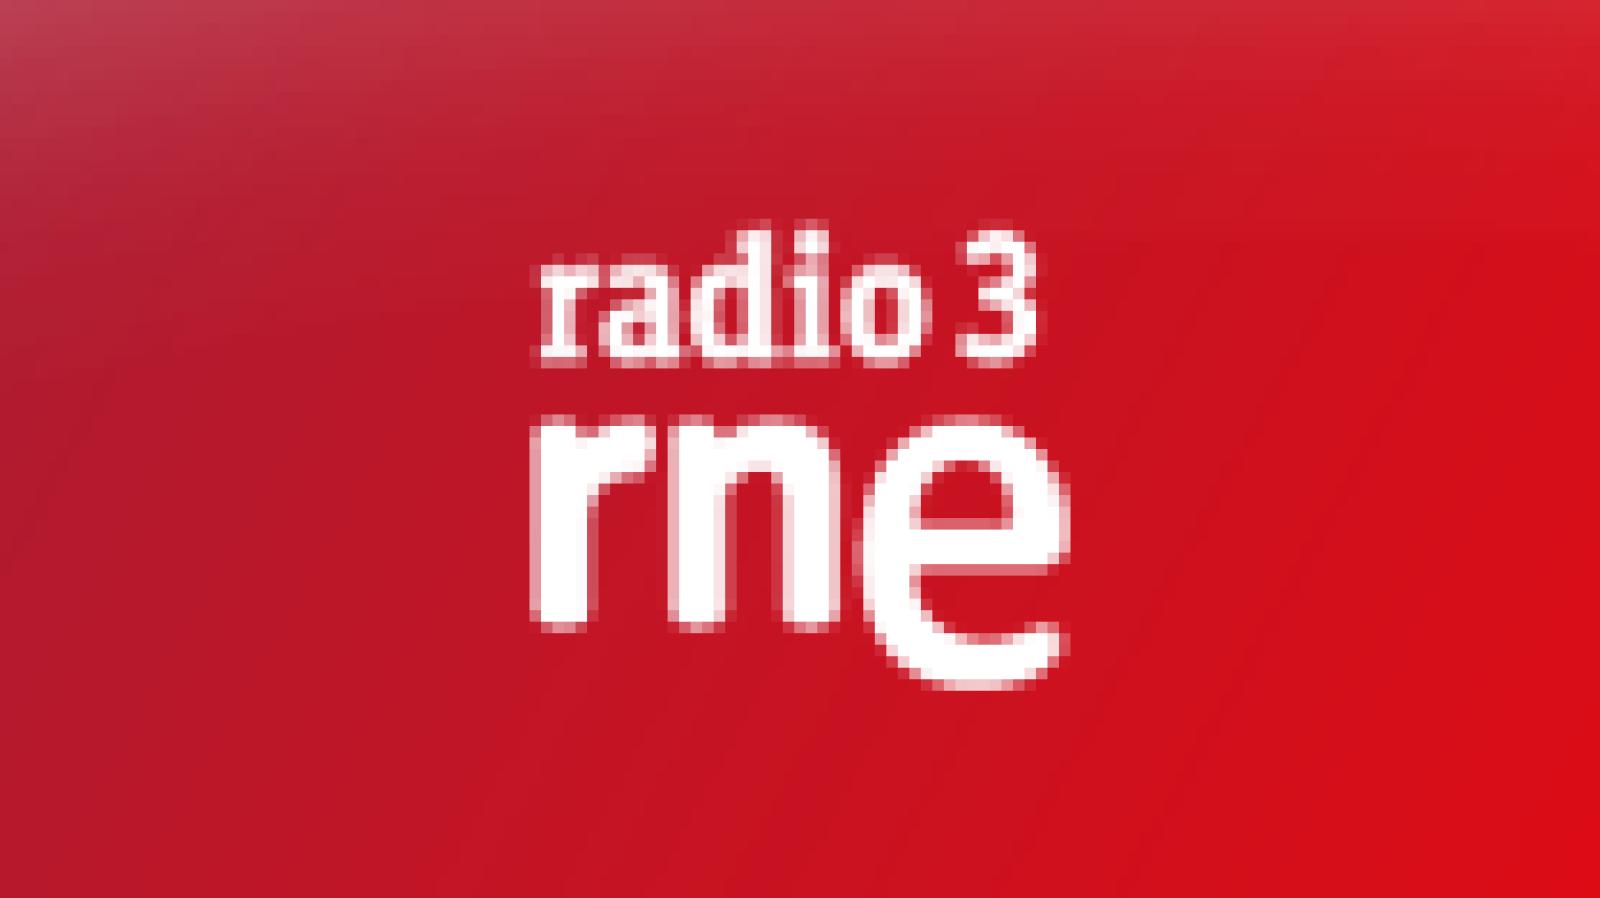 Carne cruda - Historia de la radio - 23/01/12 - escuchar ahora